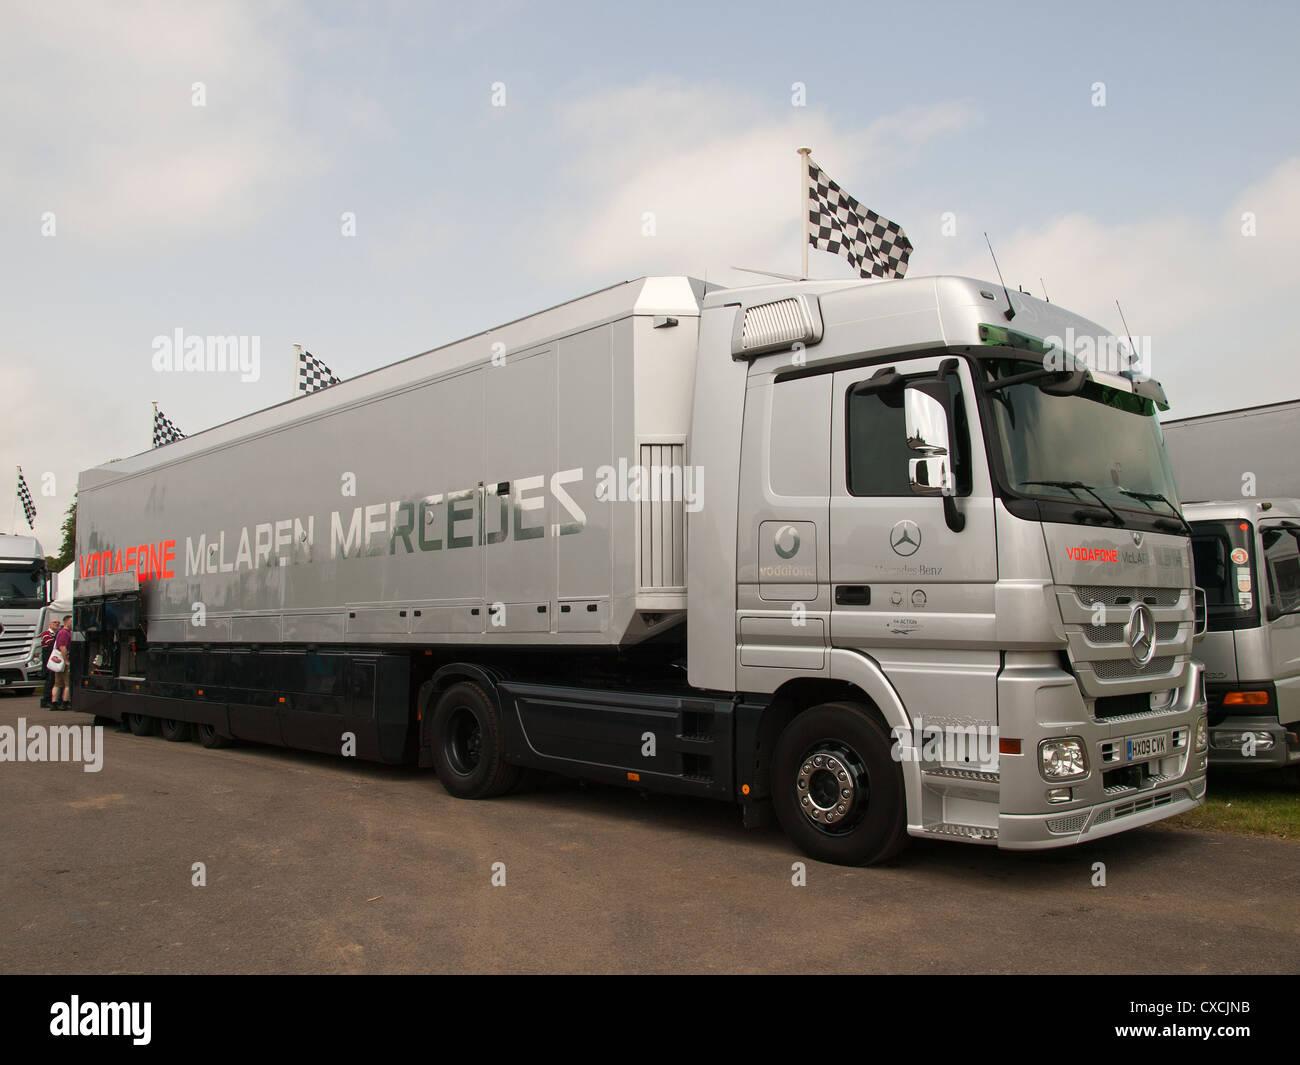 F1 Car Transporter Stock Photos Amp F1 Car Transporter Stock